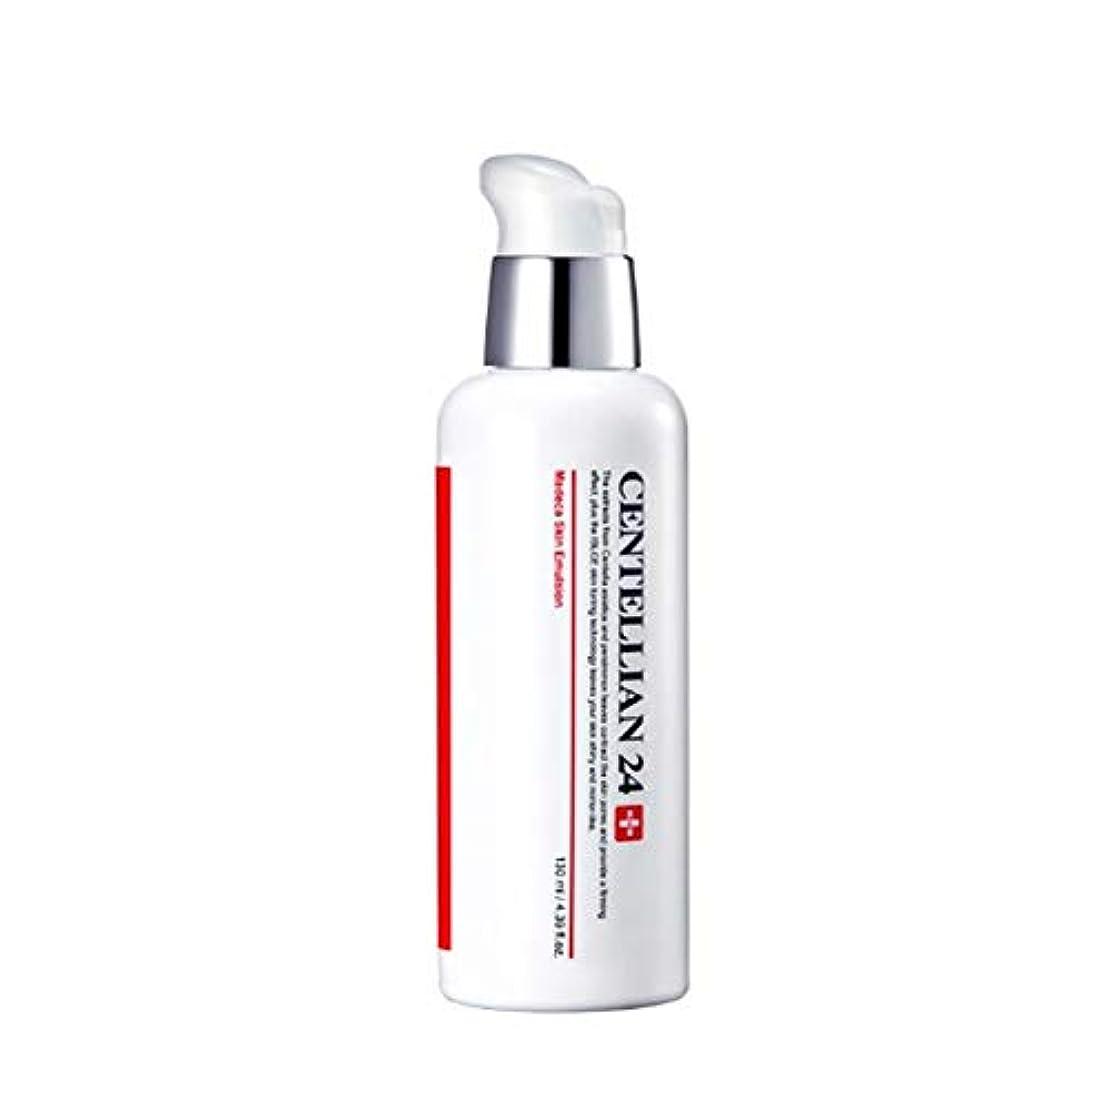 モナリザコーヒー先生センテルリアン24マデカスキンエマルジョン130ml 東国 韓国コスメ、Centellian24 Madeca Skin Emulsion 130ml Dongkook Korean Cosmetics [並行輸入品]